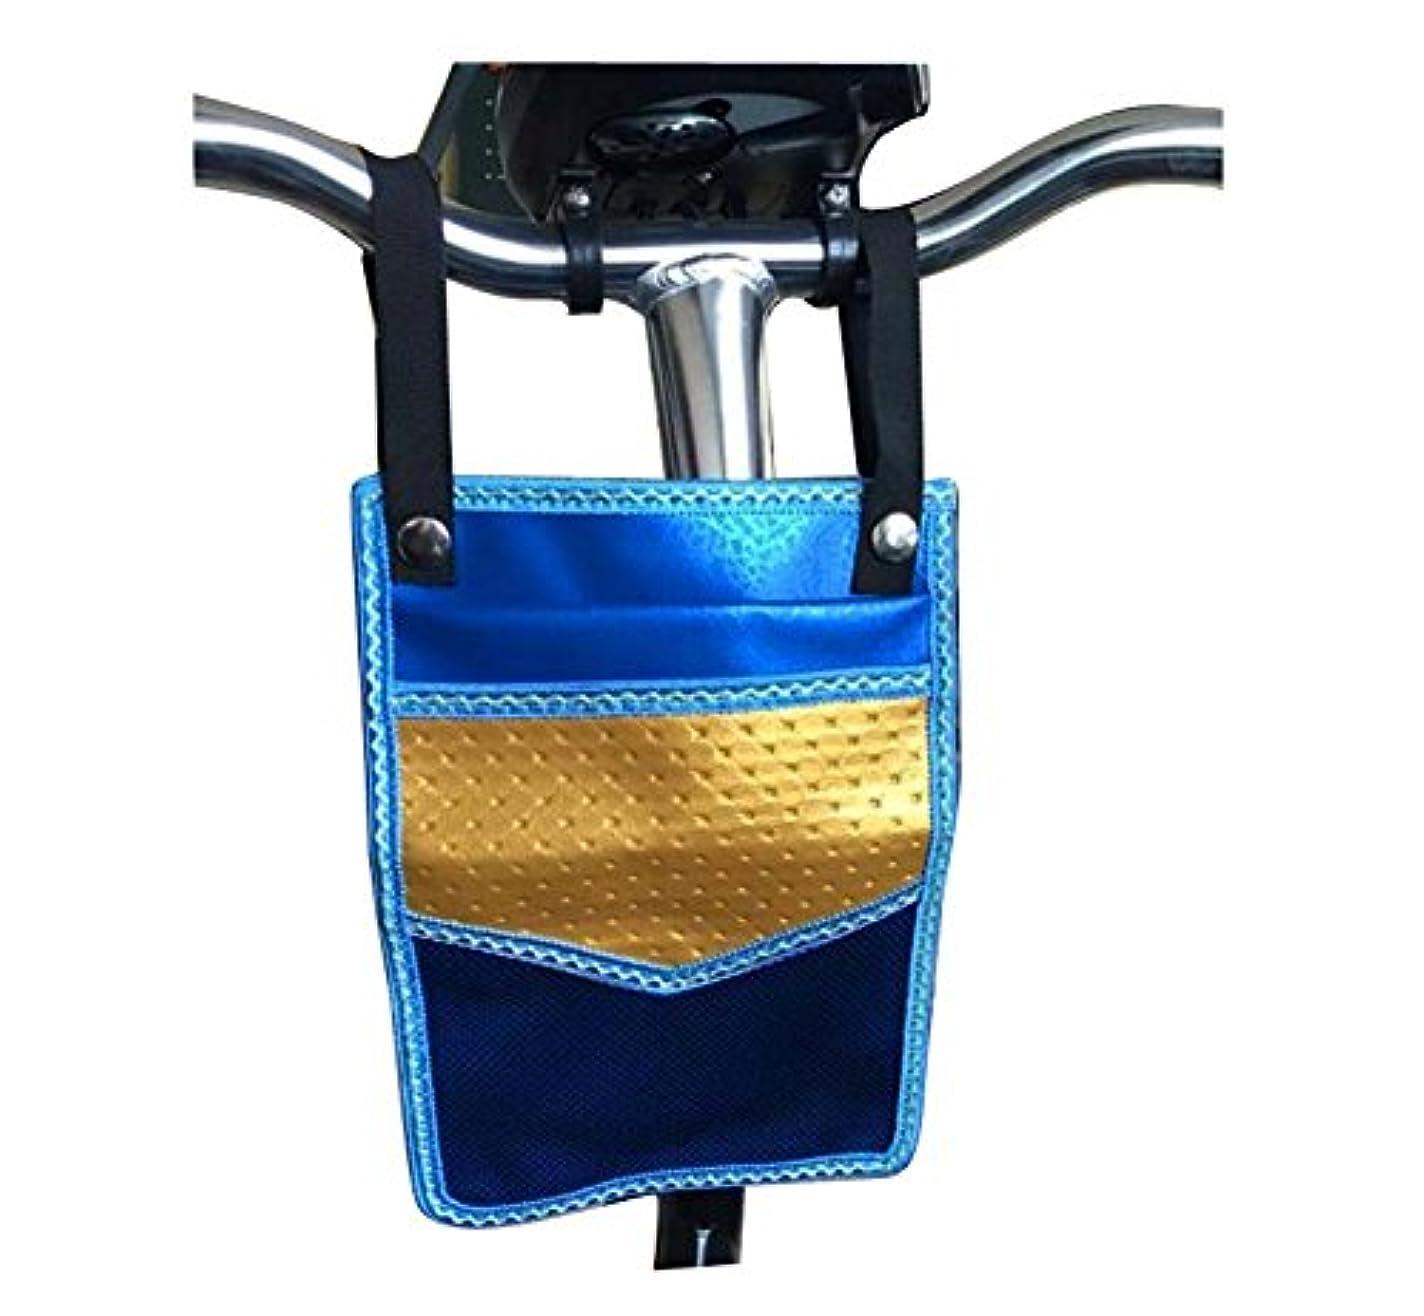 ええ幼児フルーティー自転車用パーツ、自転車保管袋、バイクフロントバッグ、フロントバスケット、B14